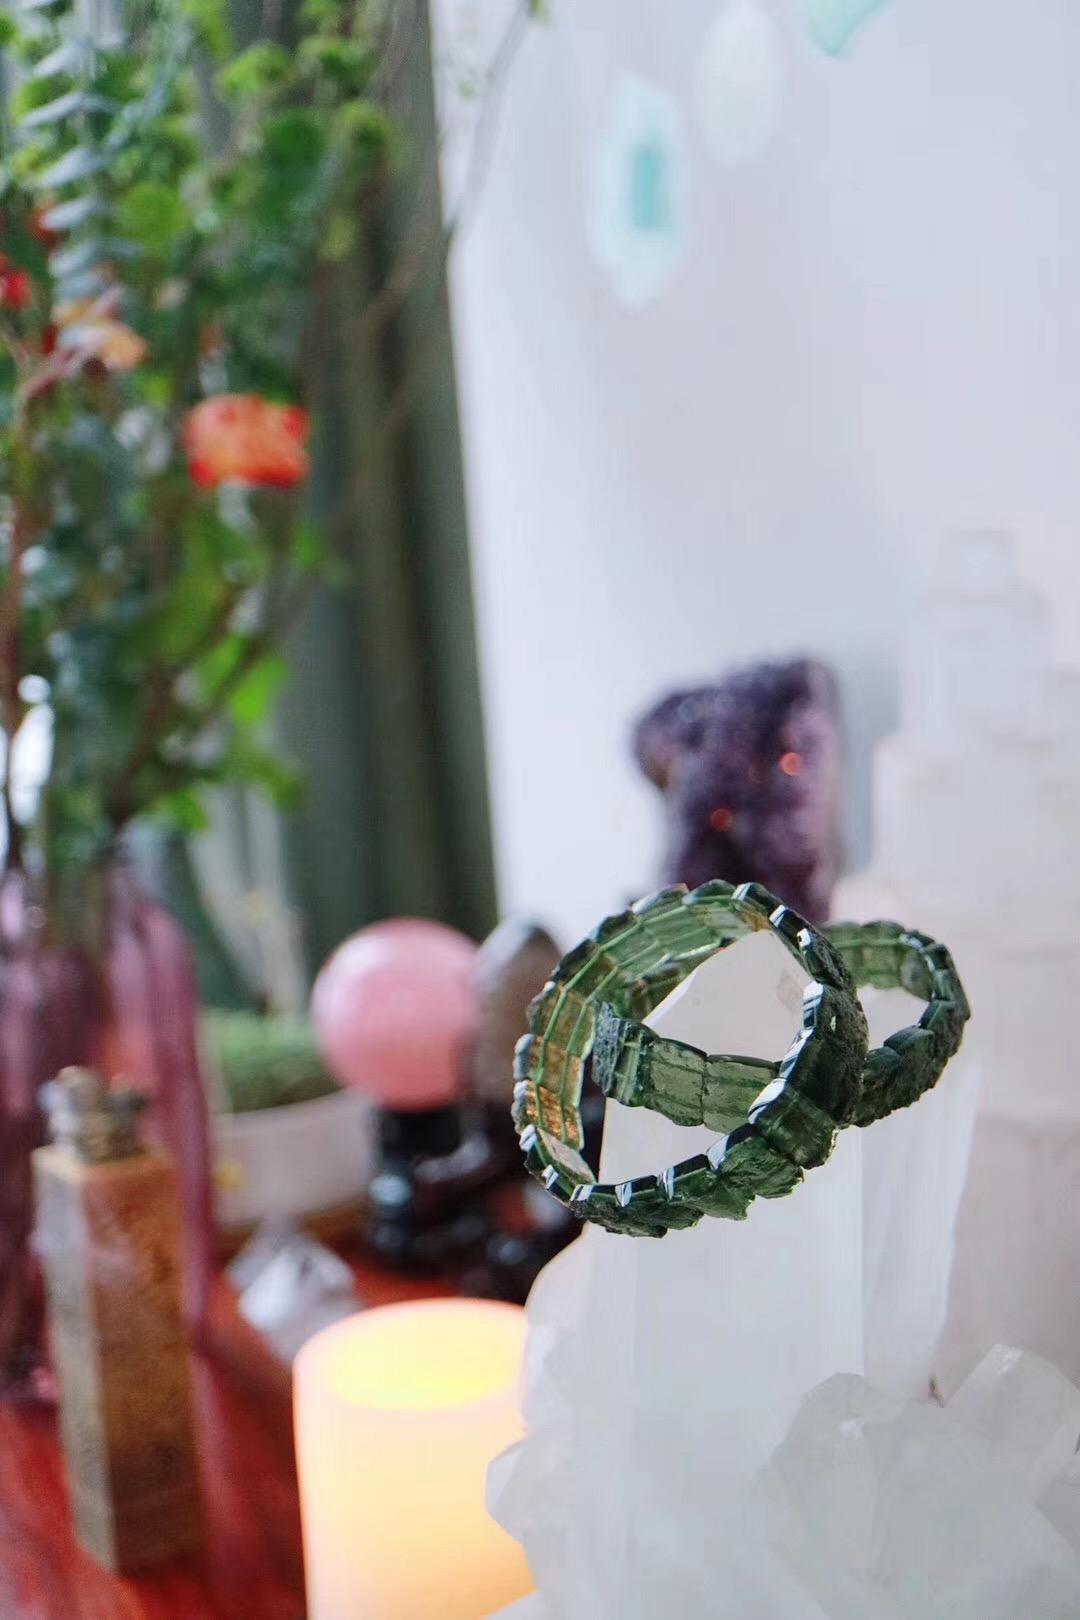 【菩心 | 捷克陨石】宇宙中有着强大的吸引力法则和力量-菩心晶舍